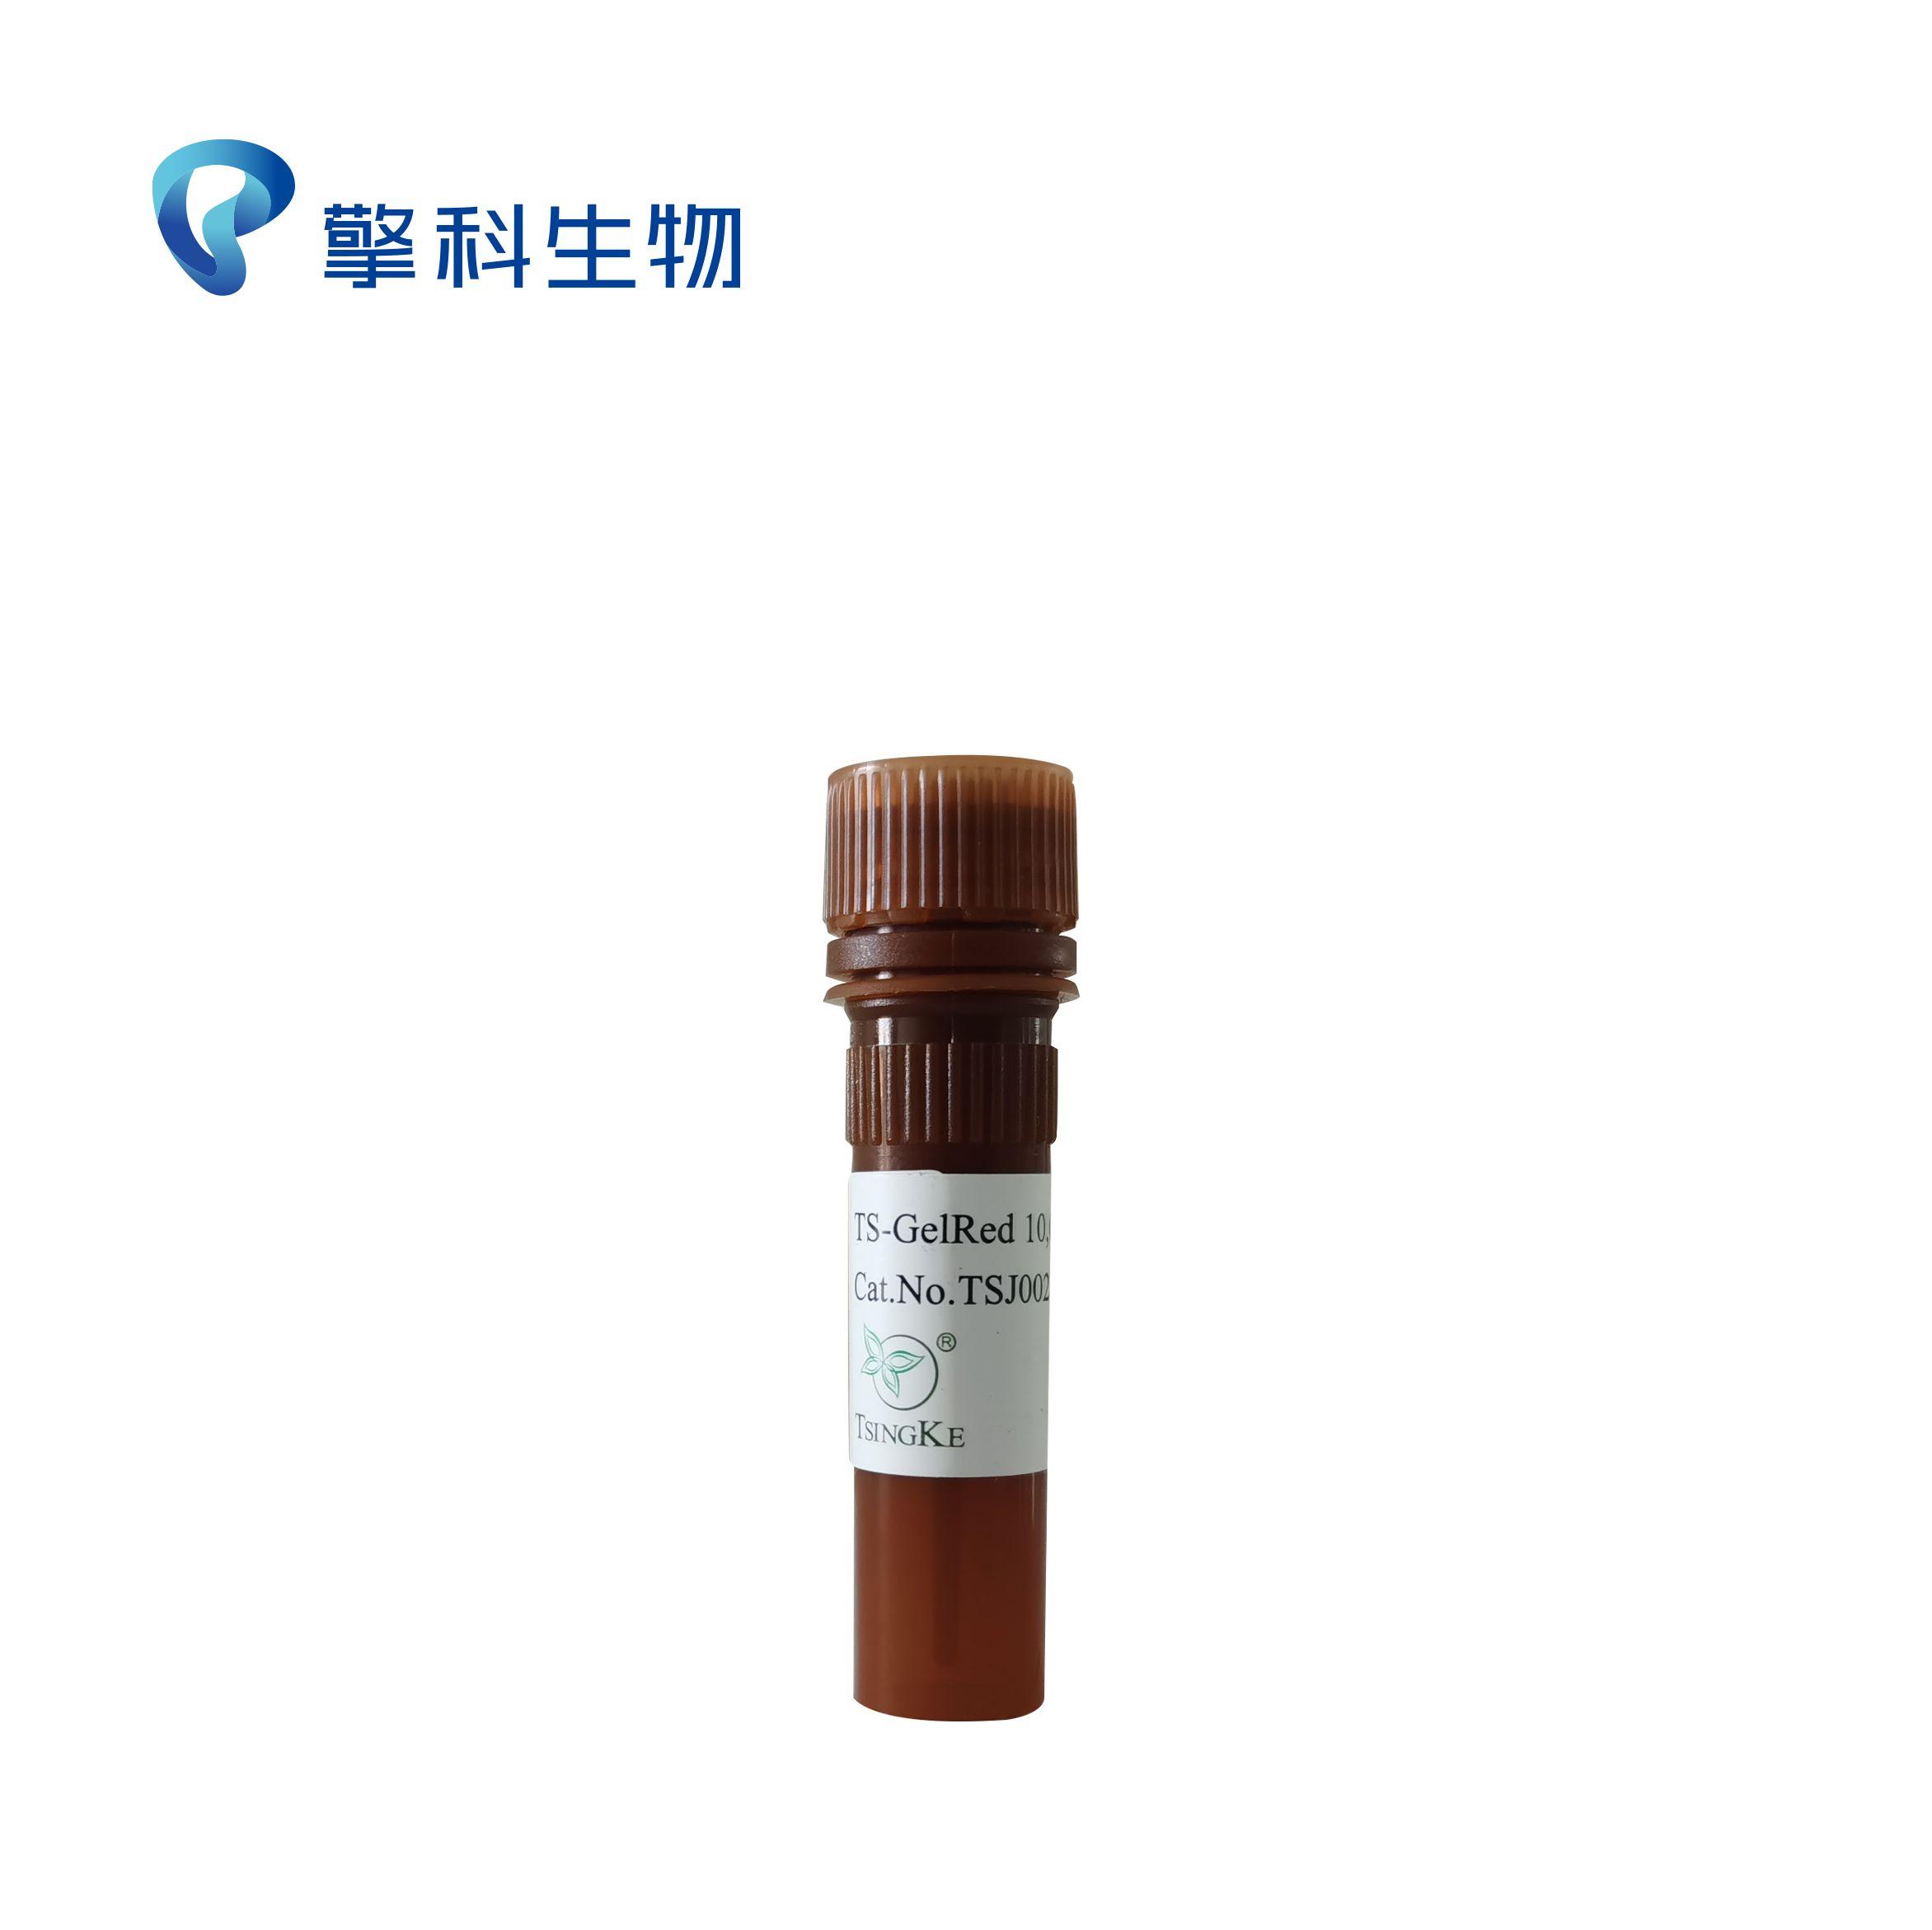 TS-GelRed核酸凝胶染料(10,000×水溶液)/安全无毒,更灵敏核酸染料/核酸电泳系列试剂/擎科生物TSINGKE